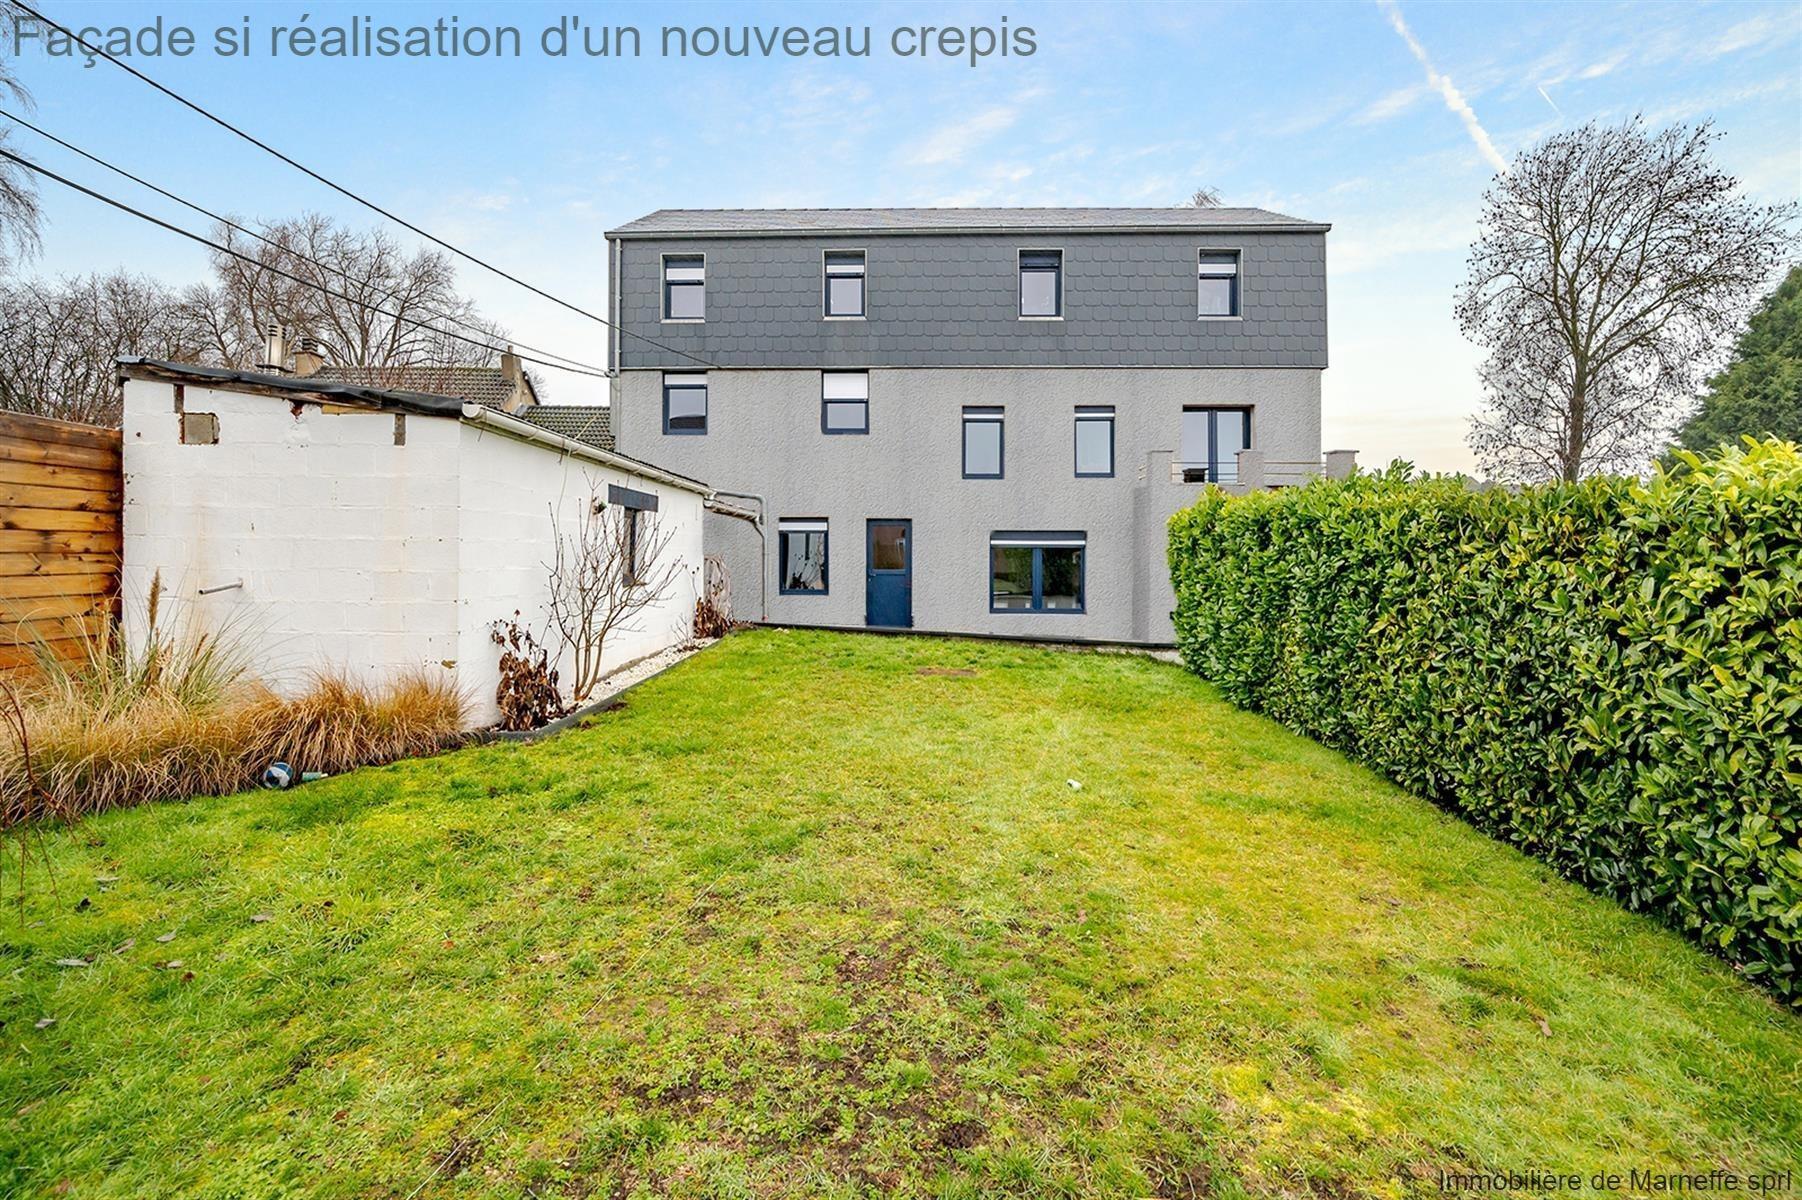 Maison - Villers-le-Bouillet - #4266777-19